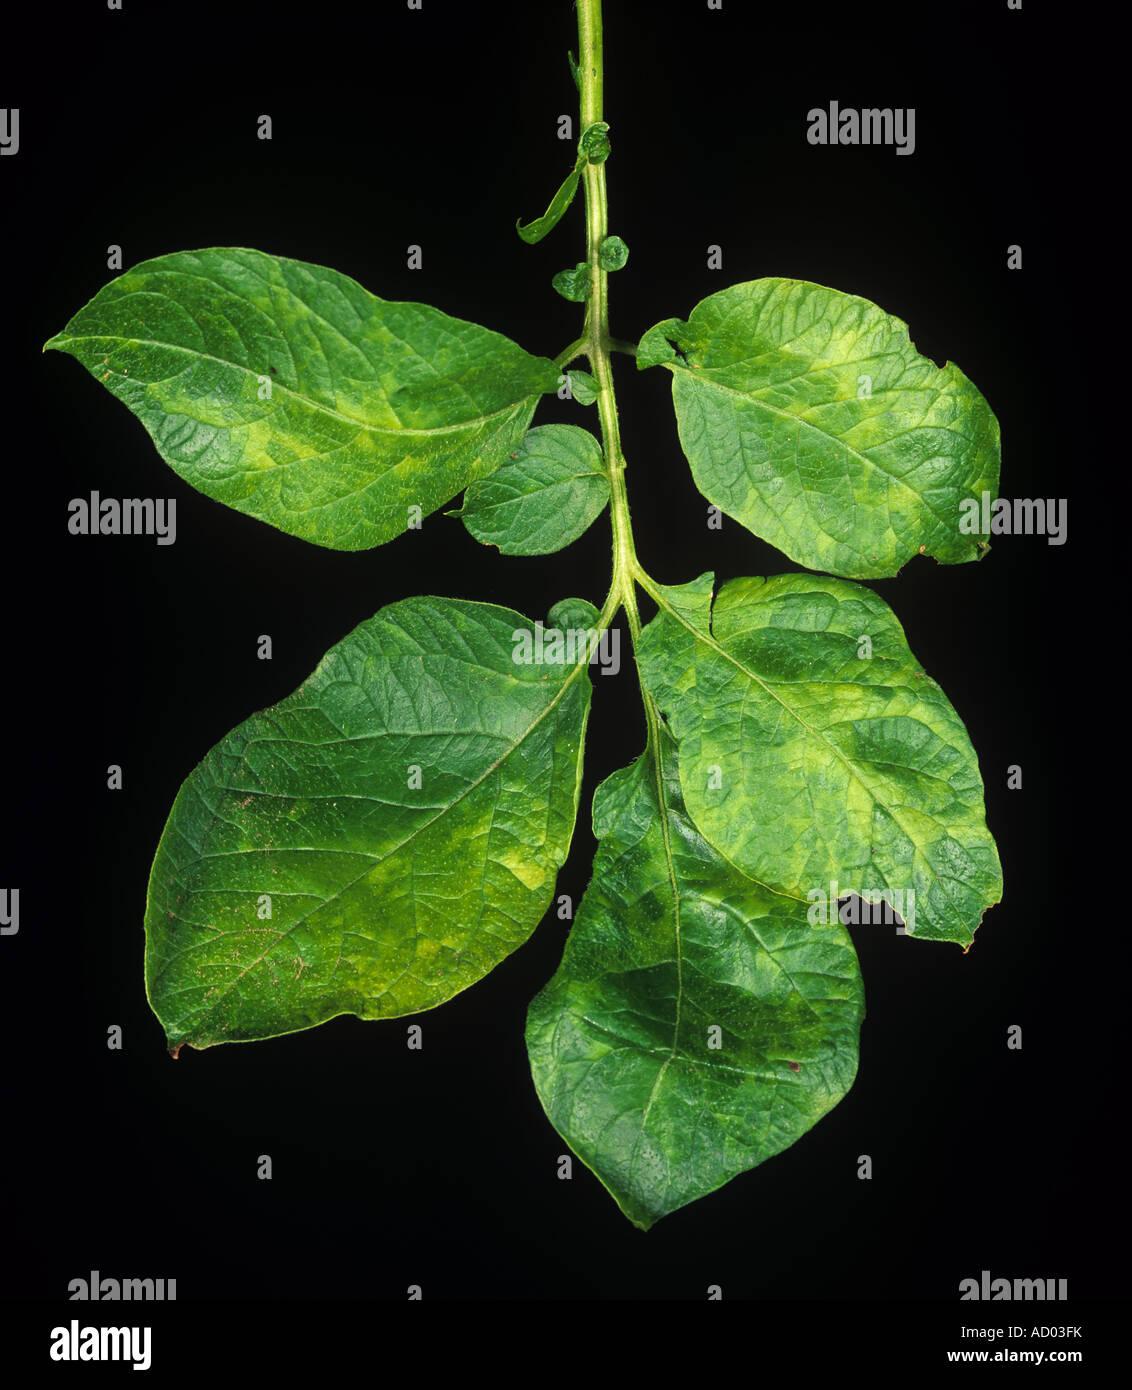 Schwere typische Symptome von Mosaik-Virus-Infektion auf einem Kartoffel-Blatt Stockbild